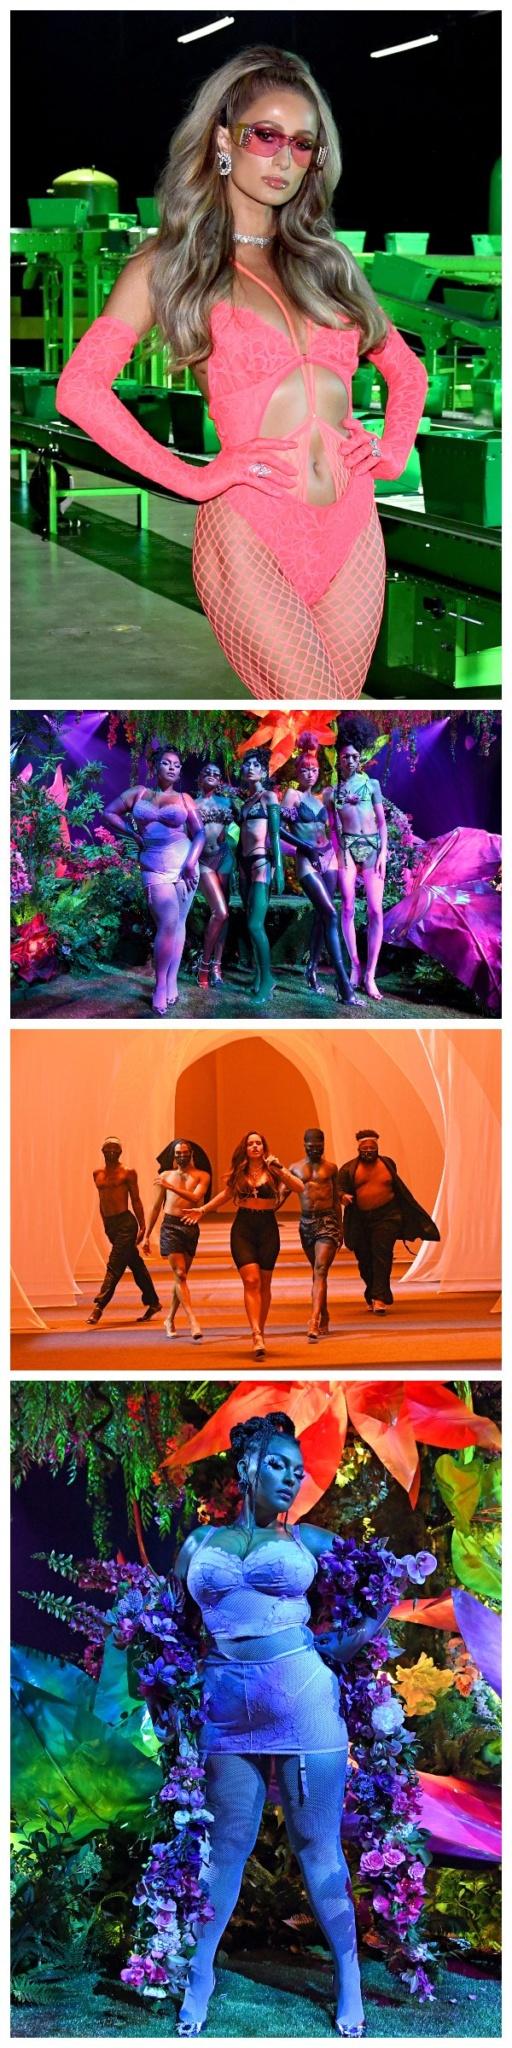 Bilde av Paris Hilton, Paloma Elsesser, og Rosalia